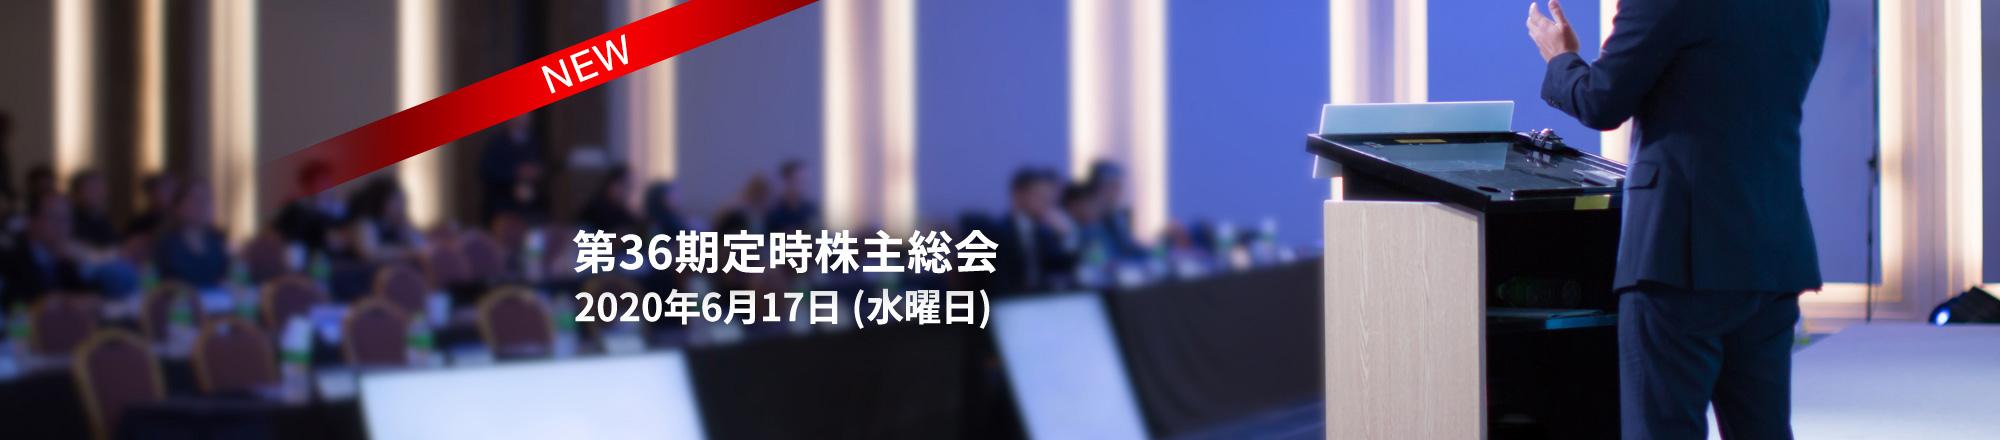 第36期定時株主総會 2020年6月17日 (水曜日)